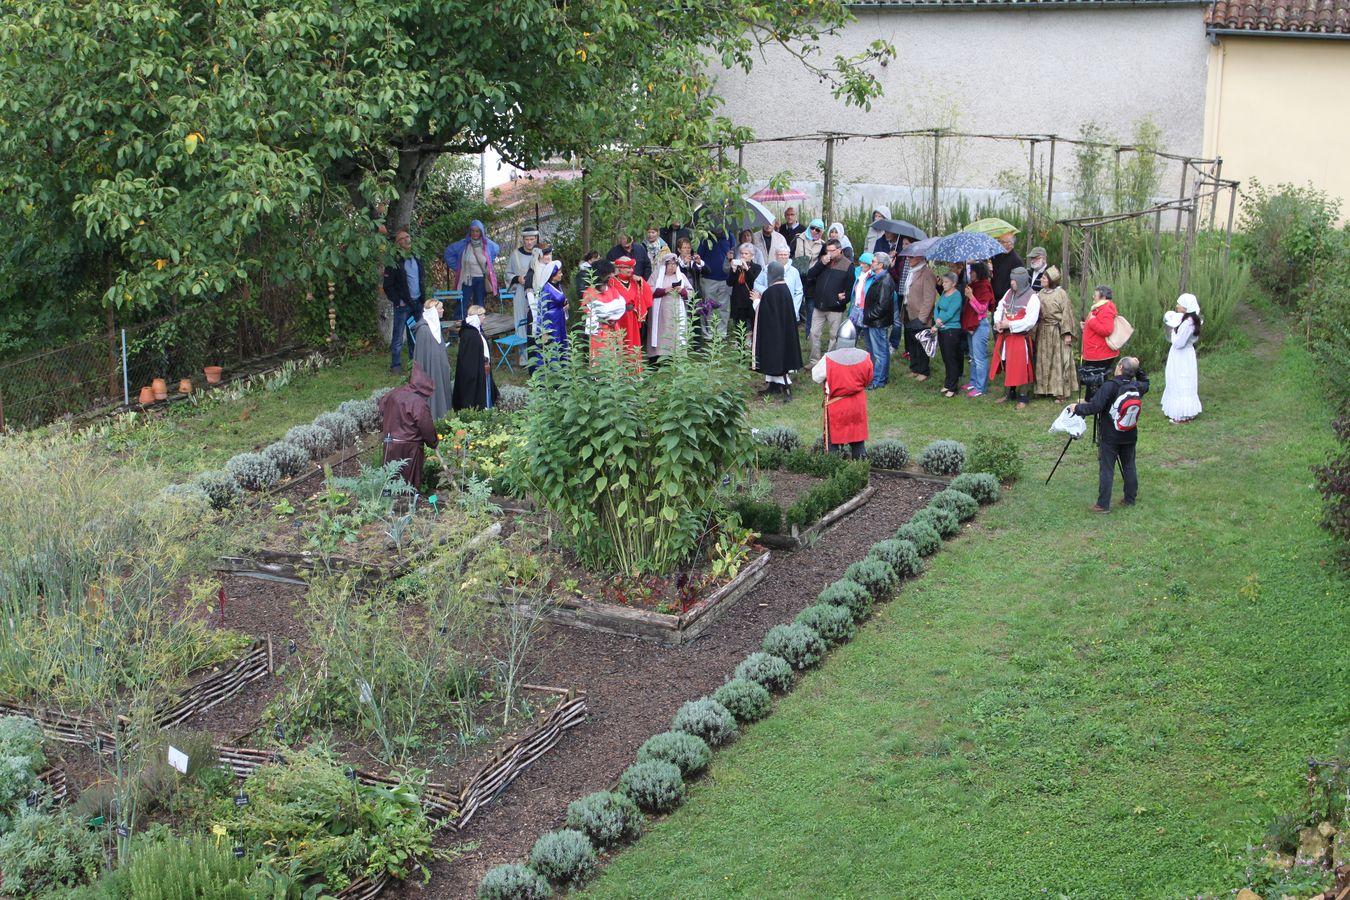 Les amis du prieur de monsempron les journ es du for Au jardin by les amis